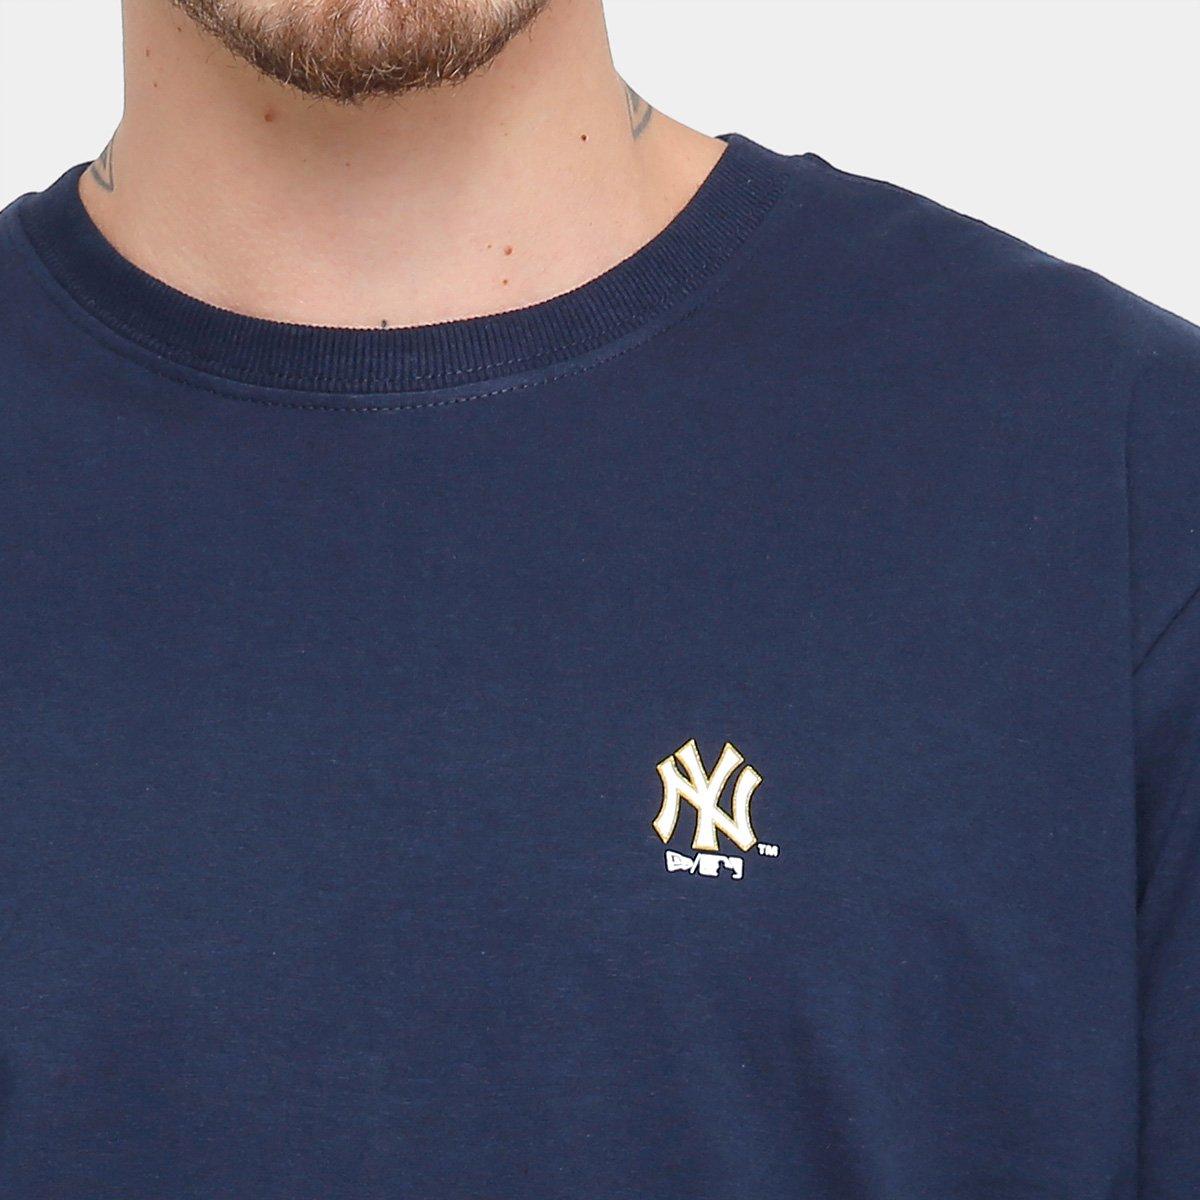 Camiseta New Era MLB New York Yankees Gold City Masculina - Compre ... 2b8ae9168a9